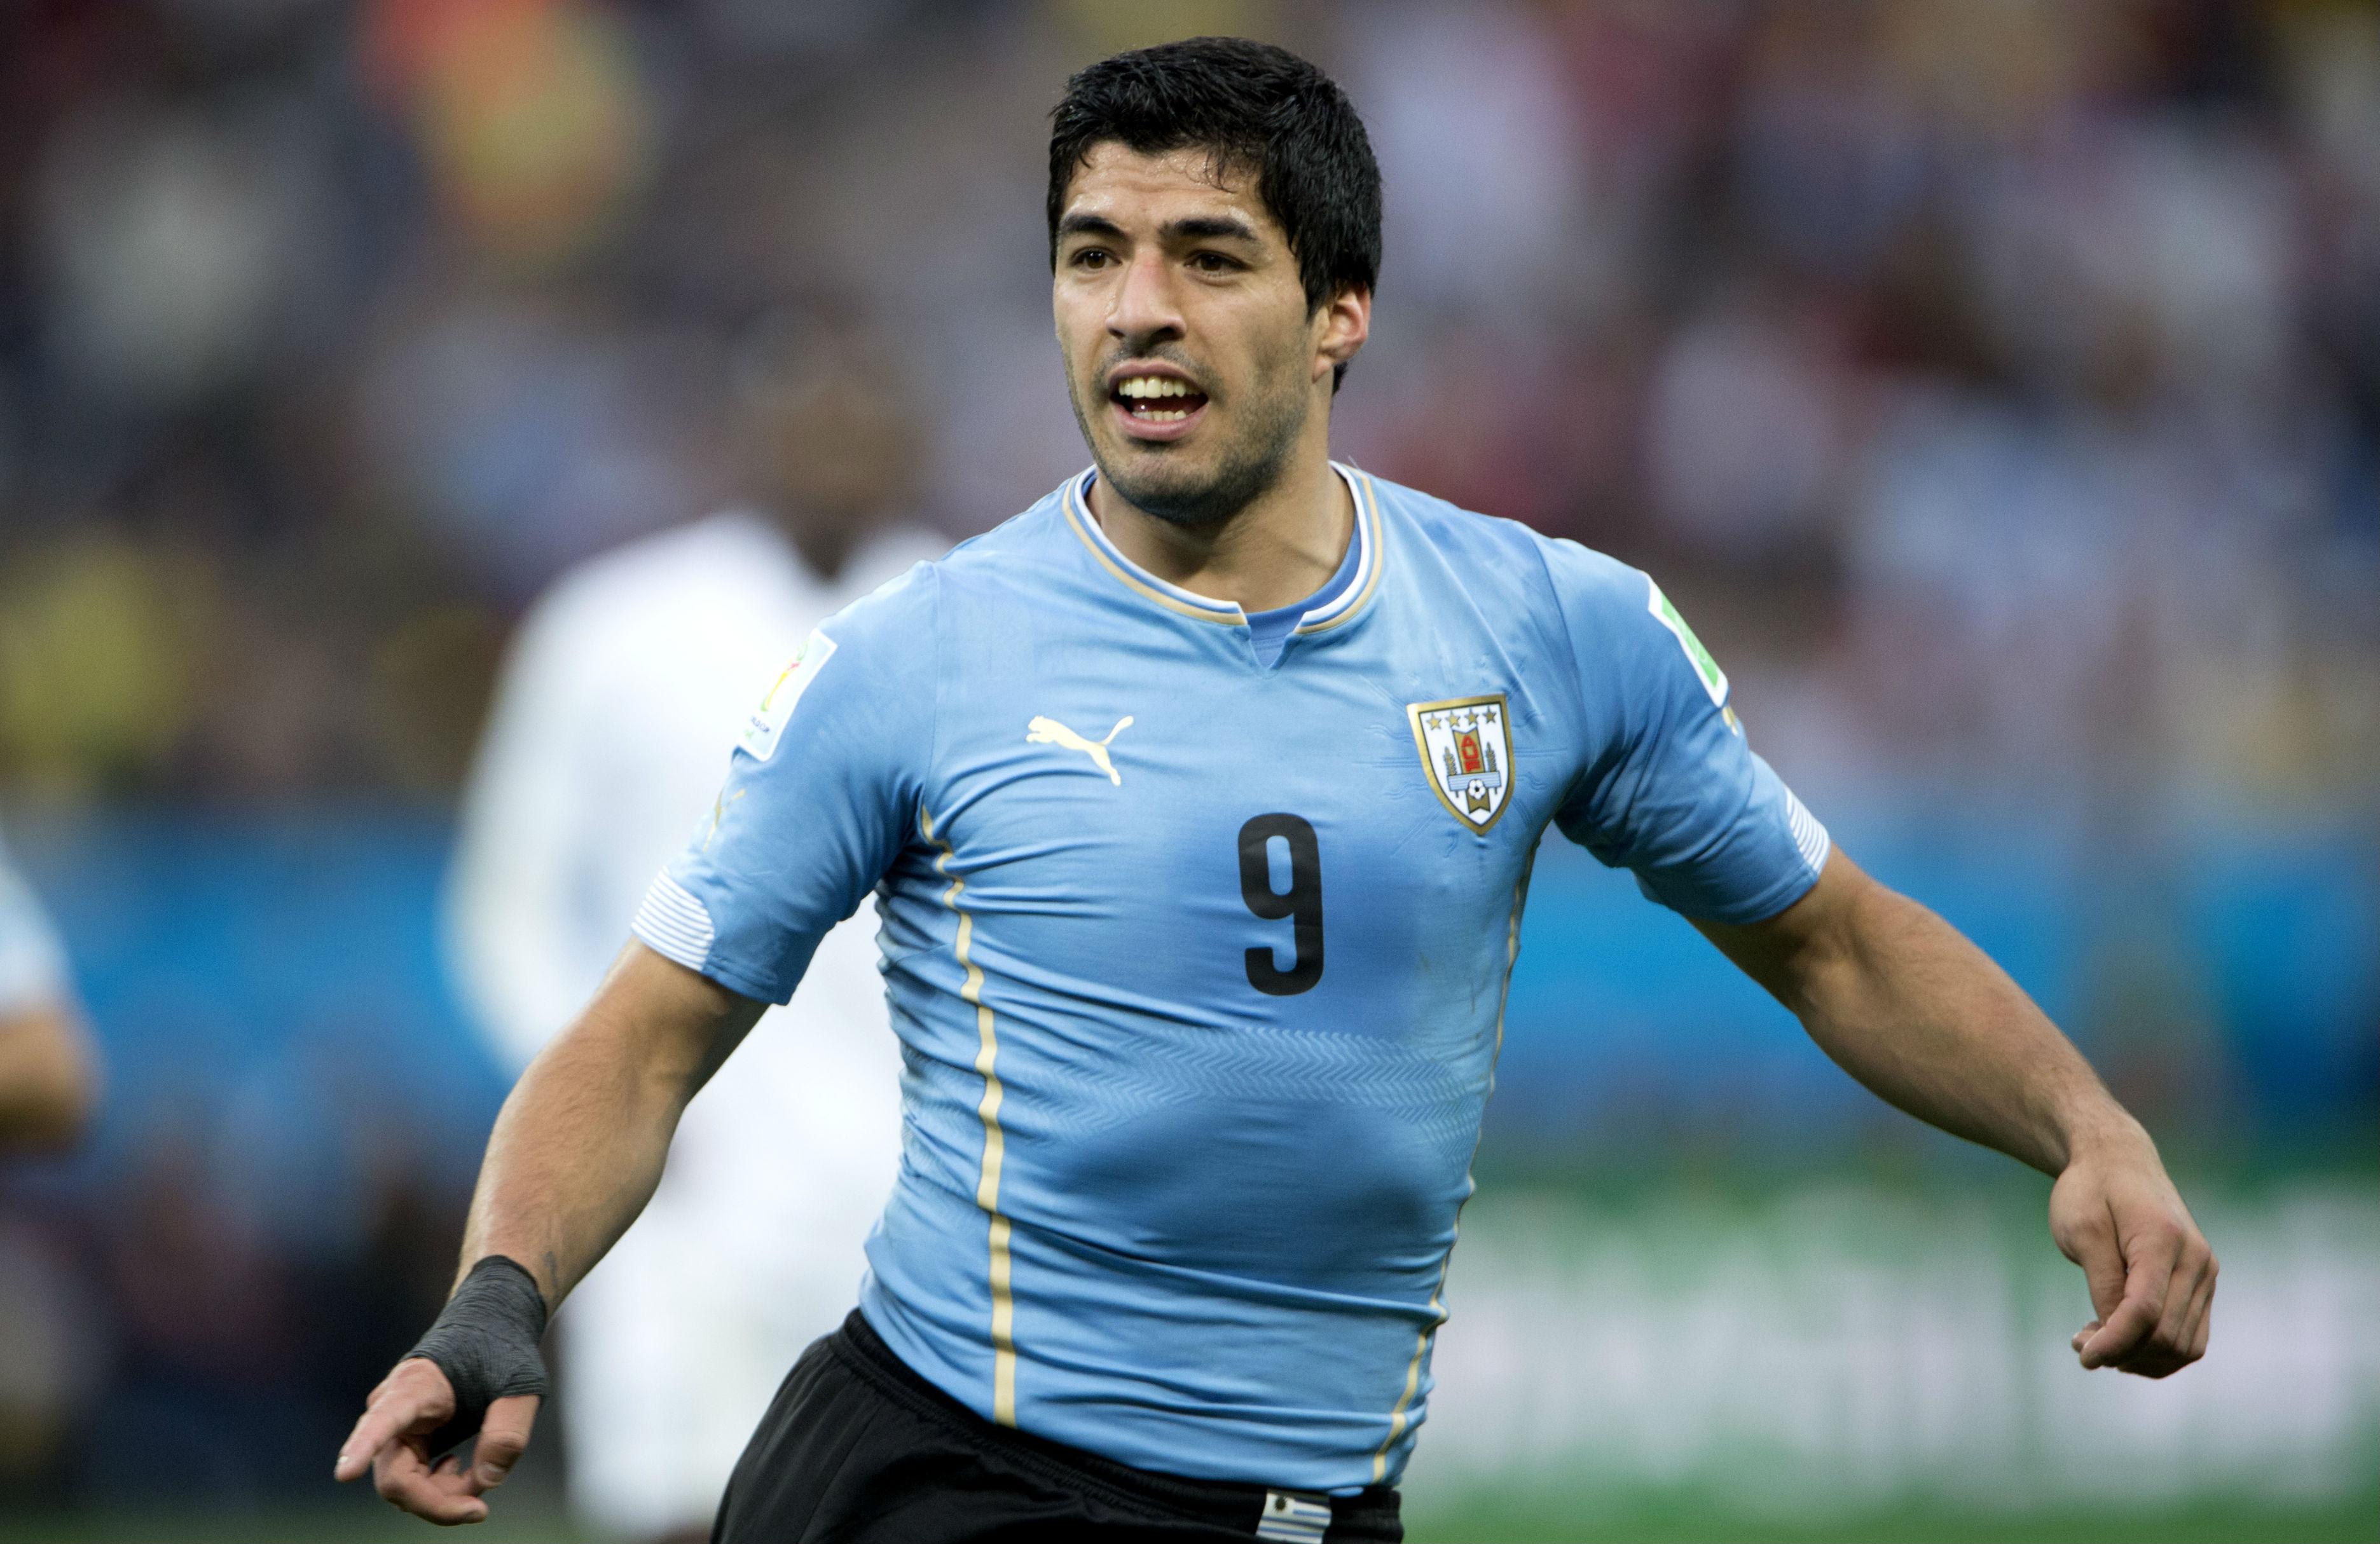 Klicka här för att se Speltips Uruguay segrar över Egypten?